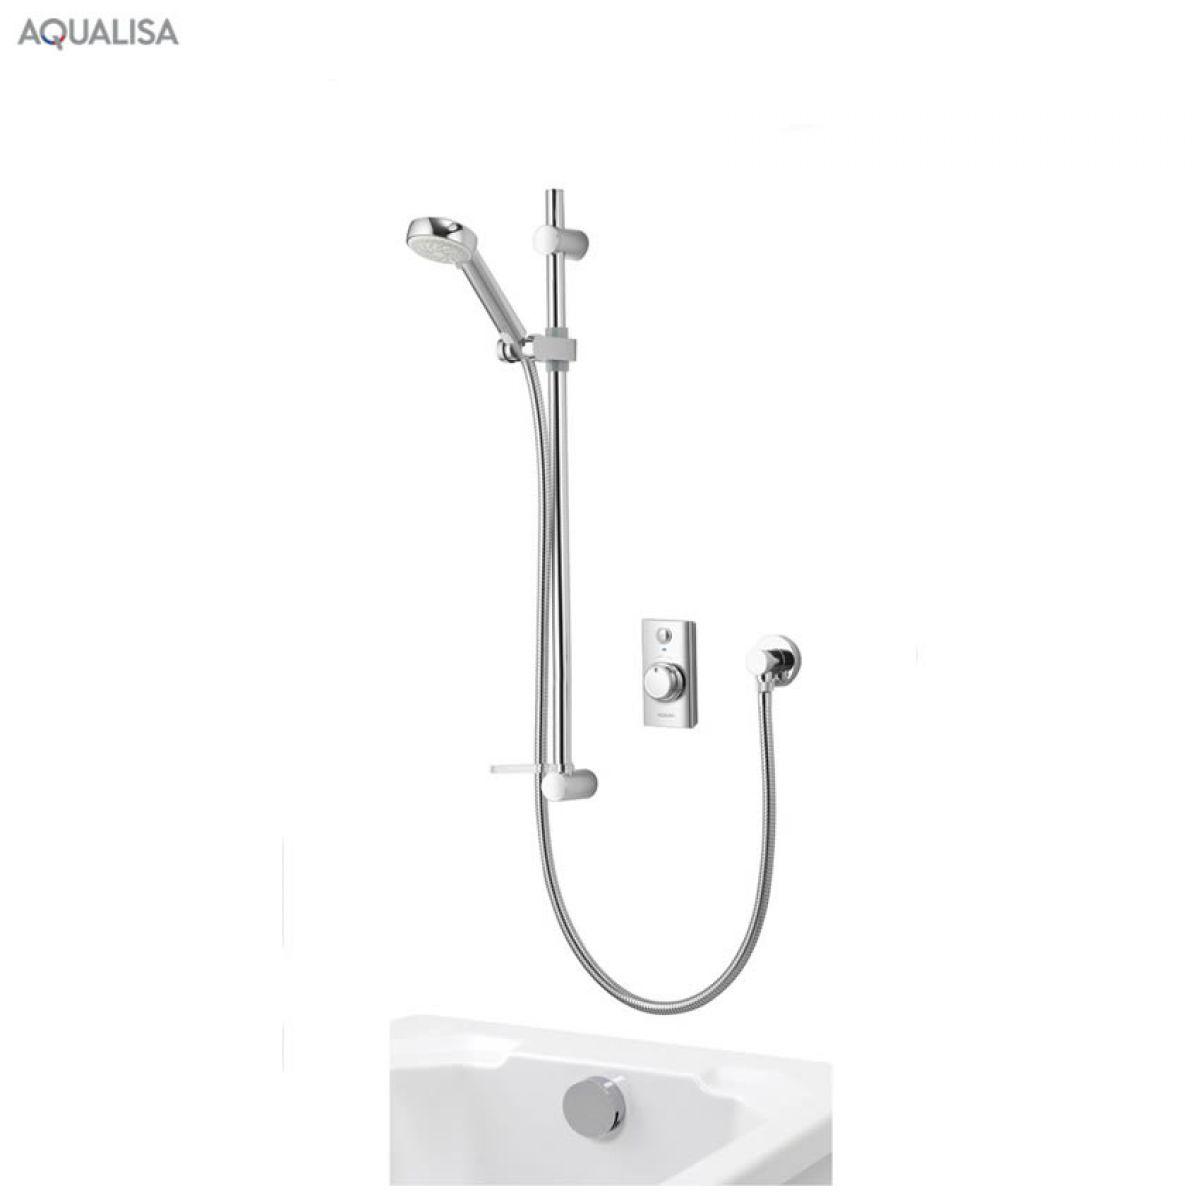 aqualisa visage smart concealed shower with bath filler. Black Bedroom Furniture Sets. Home Design Ideas